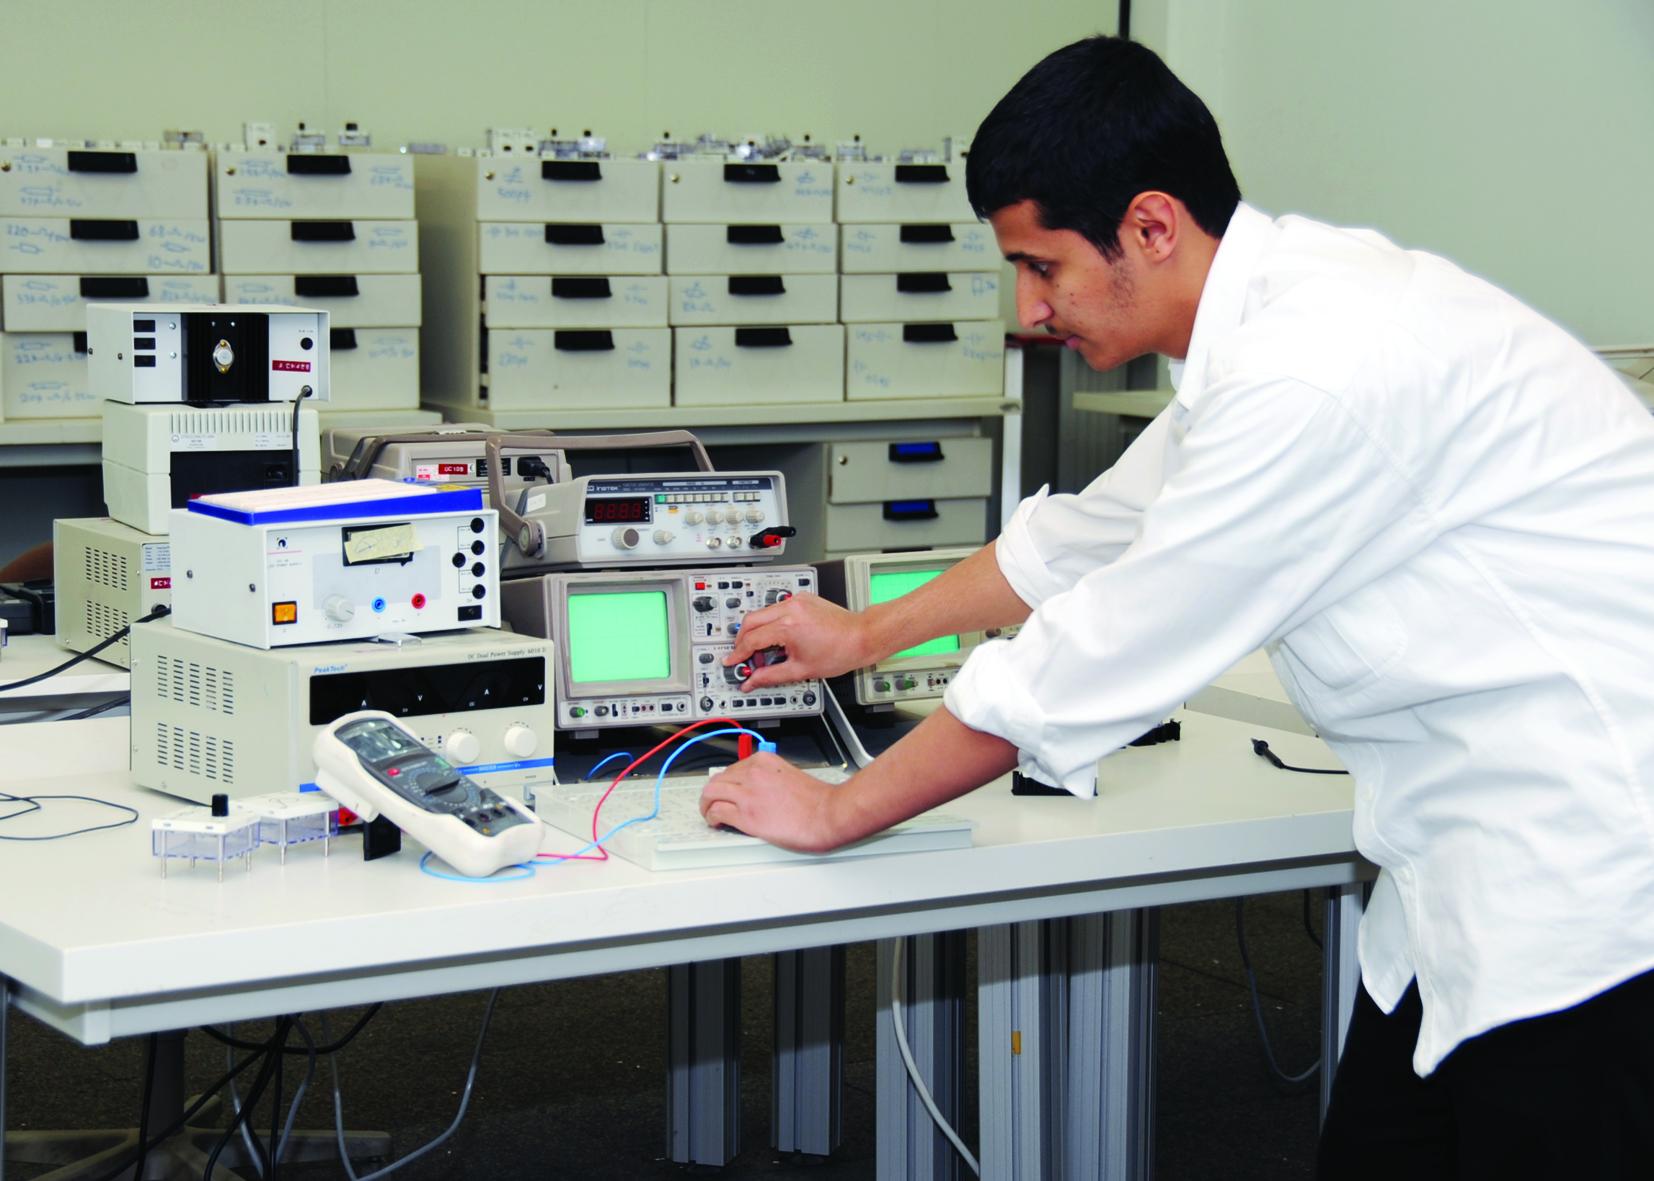 متدرب يتابع عمله التطبيقي في إحدى الكليات التقنية